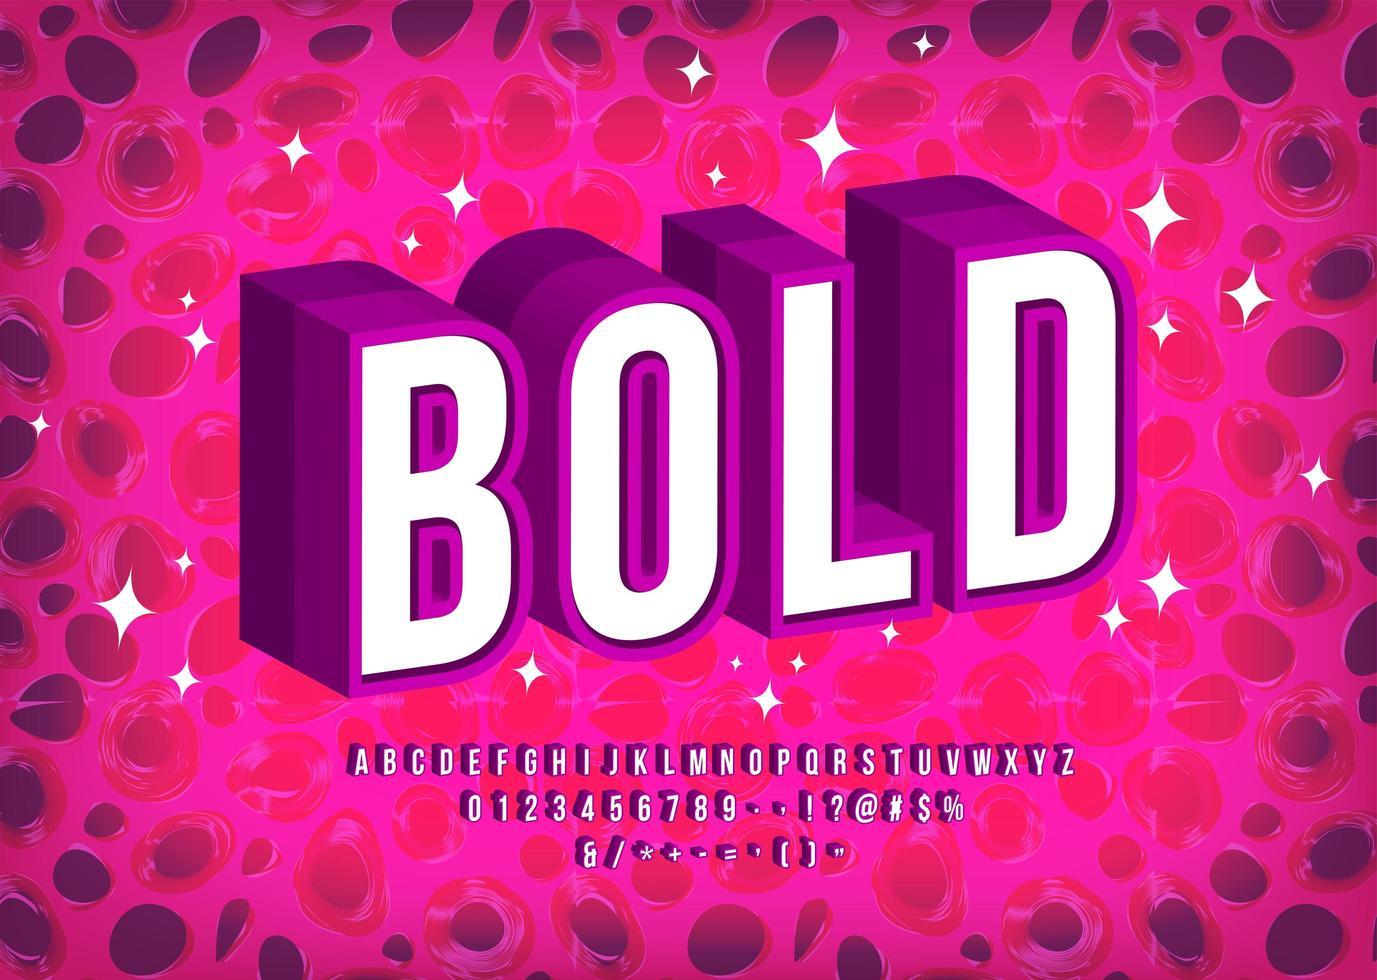 vet 3D-lettertype in wit met paarse omtrek vector